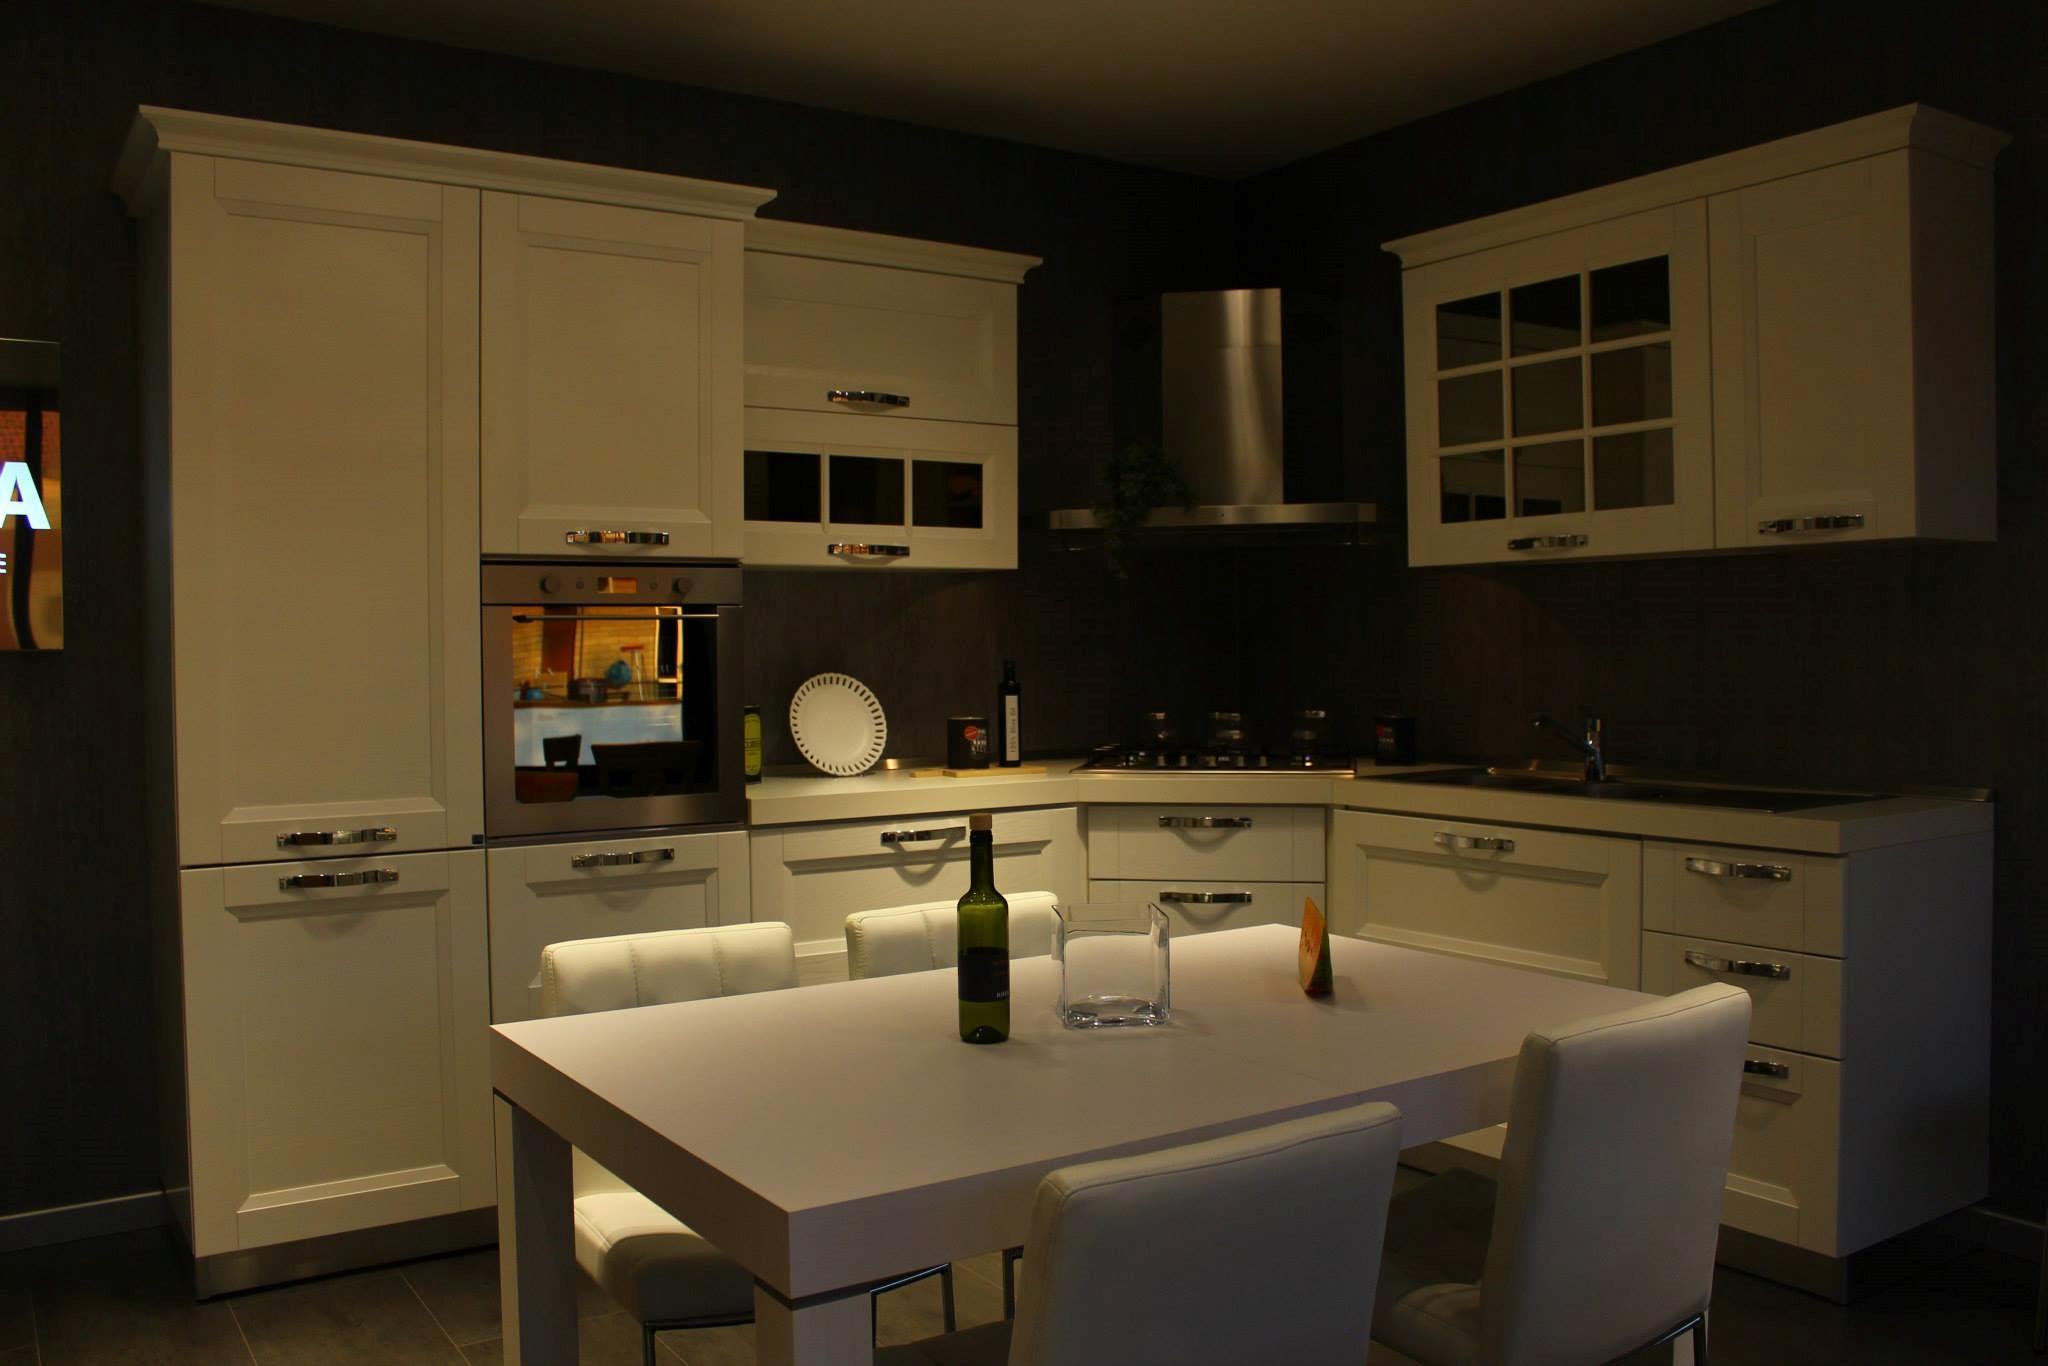 Cucina stosa cucine beverly scontato del 54 cucine a - Prezzo cucina stosa ...